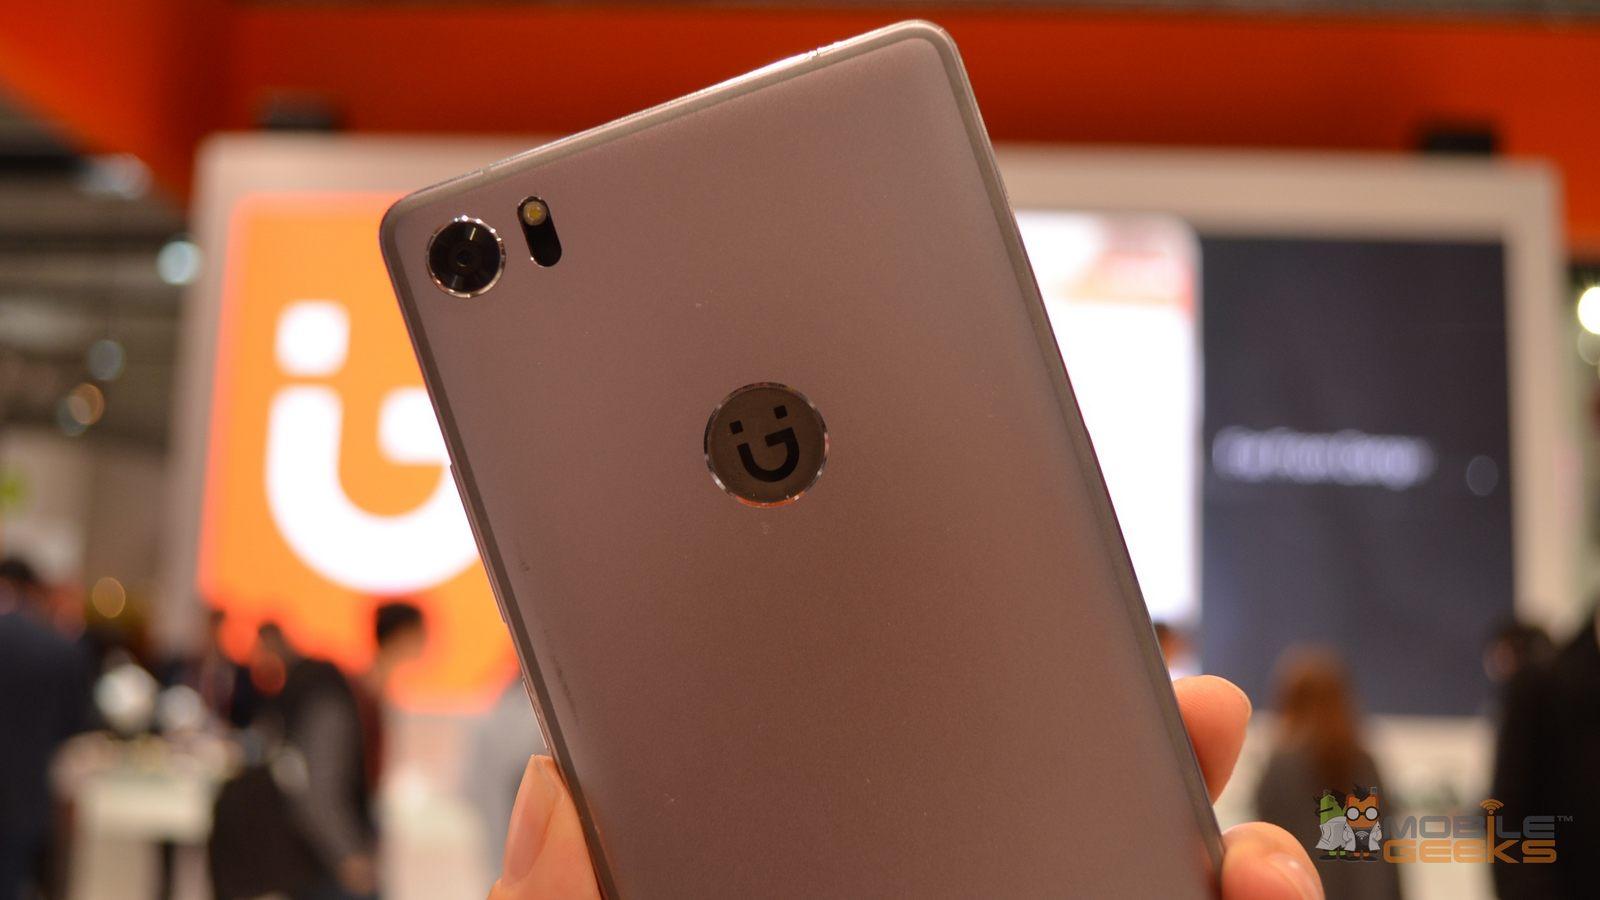 شرکت Gionee از تلفن همراه M7 در روز 28 سپتامبر پرده برداری خواهد کرد